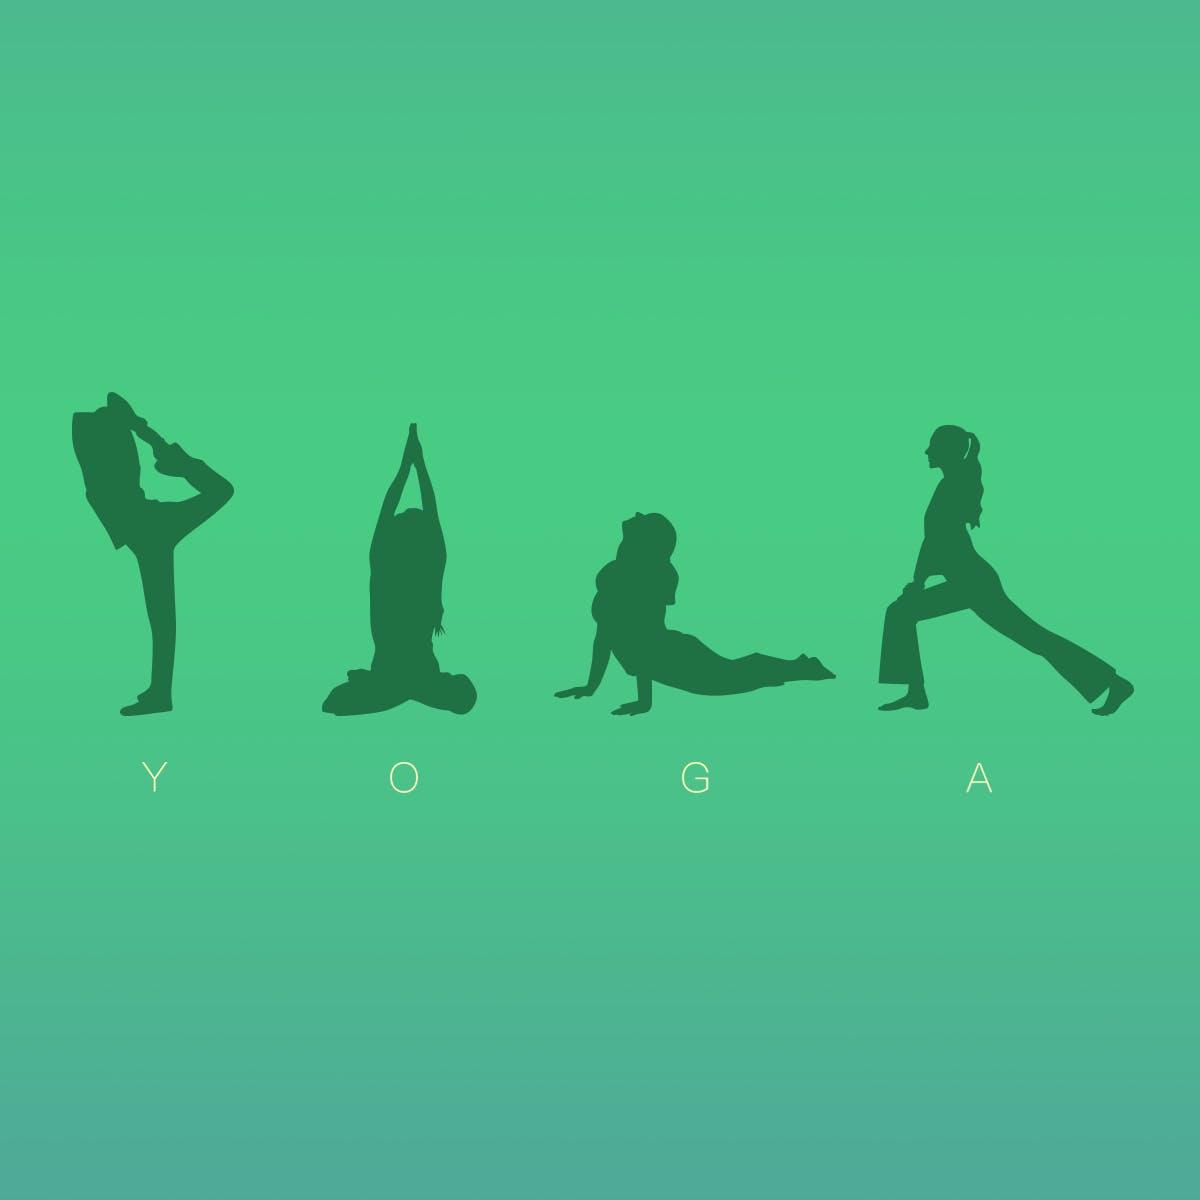 大学生瑜伽